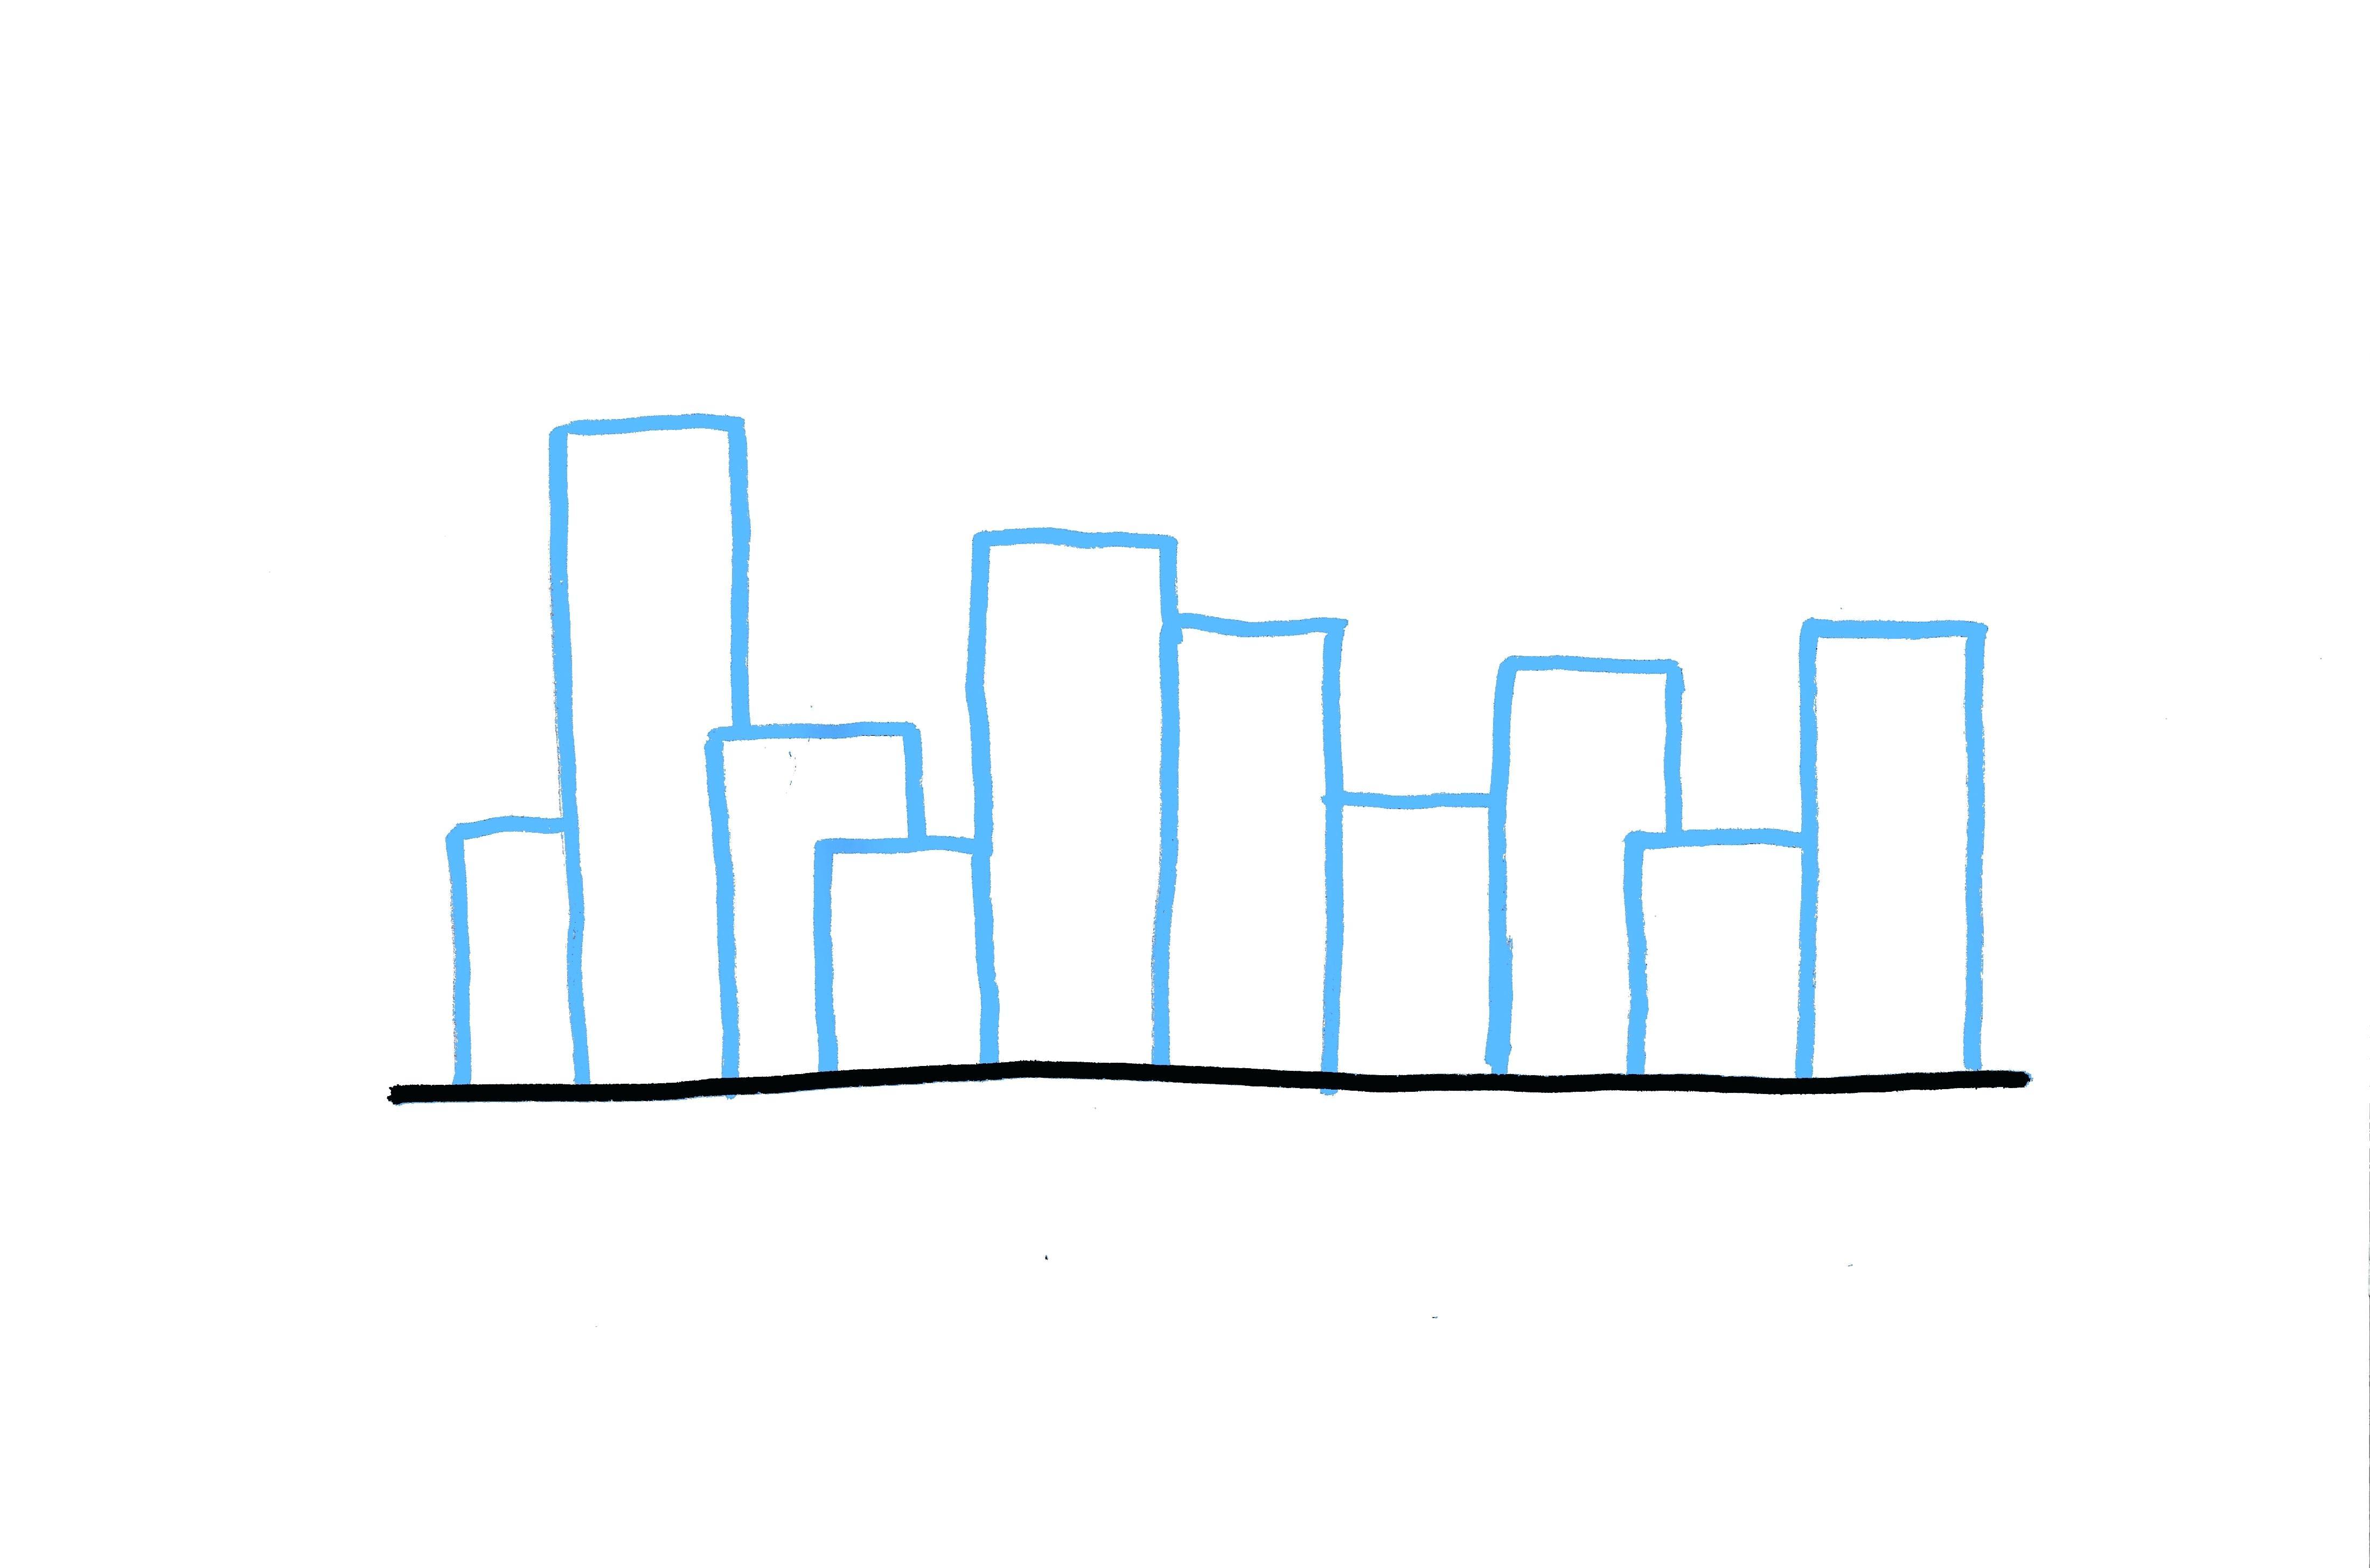 4400x2911 How To Draw A Skyline Skyline Of New City Easy To Draw Chicago